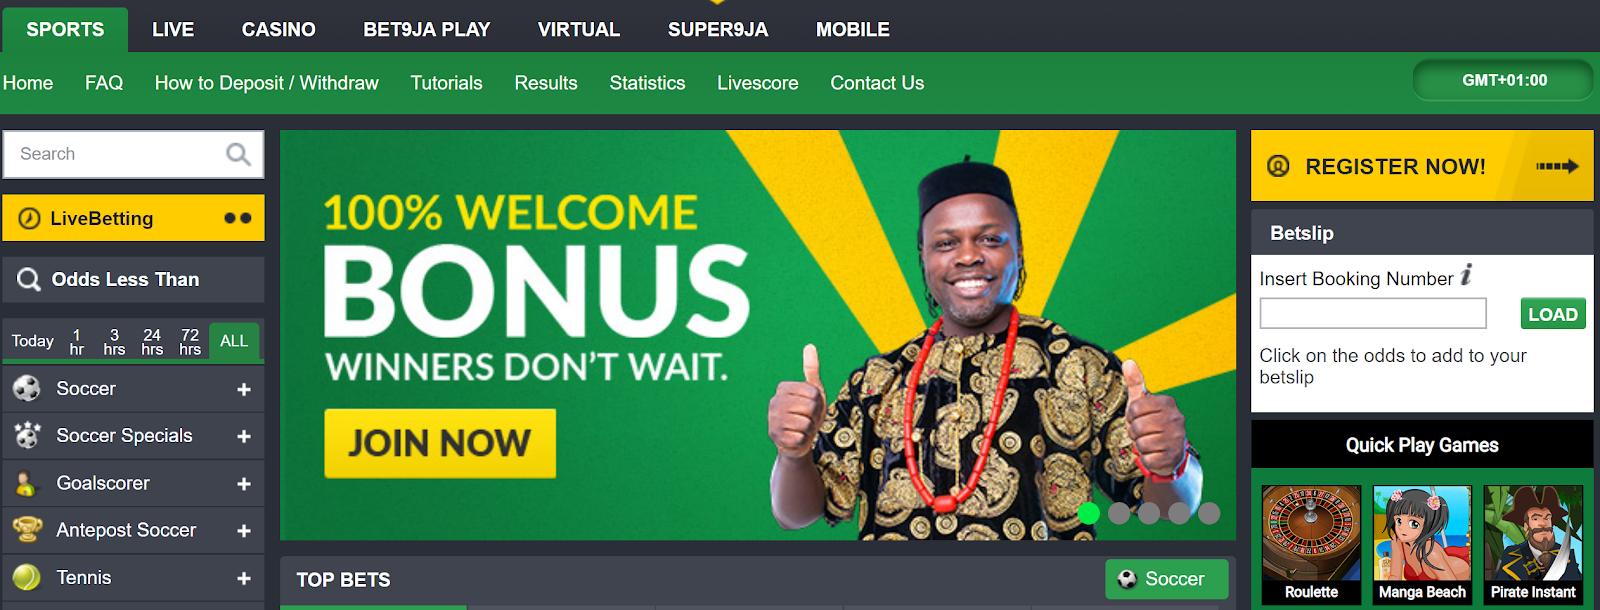 sito di incontri in stato Osun